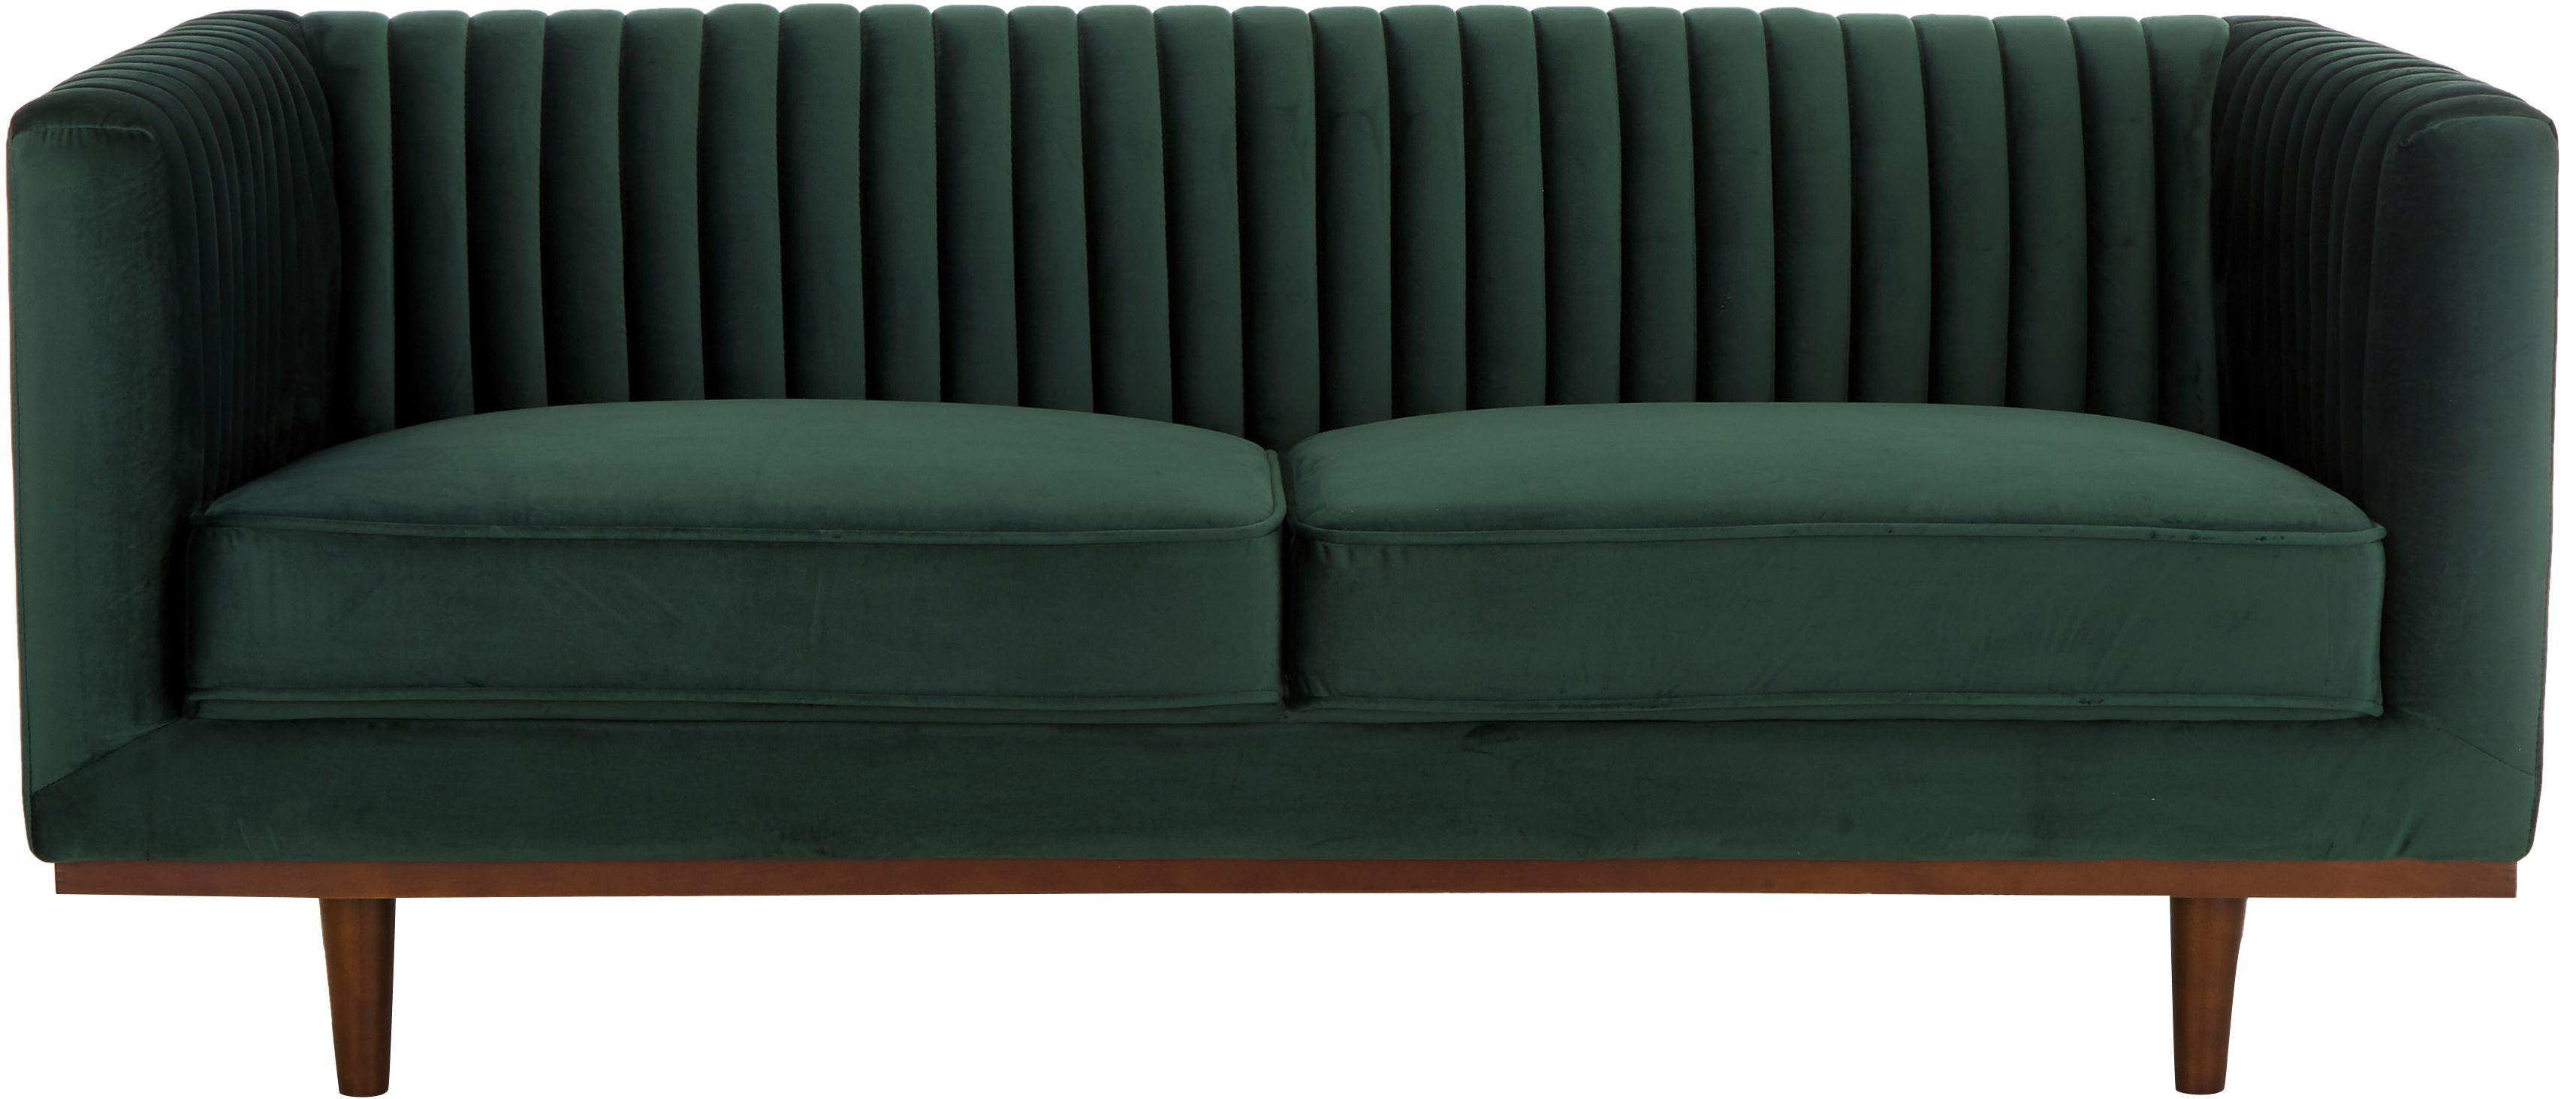 Divano 2 posti in velluto verde Dante, Rivestimento: velluto di poliestere, Struttura: legno di caucciù, laccato, Velluto verde, Larg. 174 x Prof. 87 cm